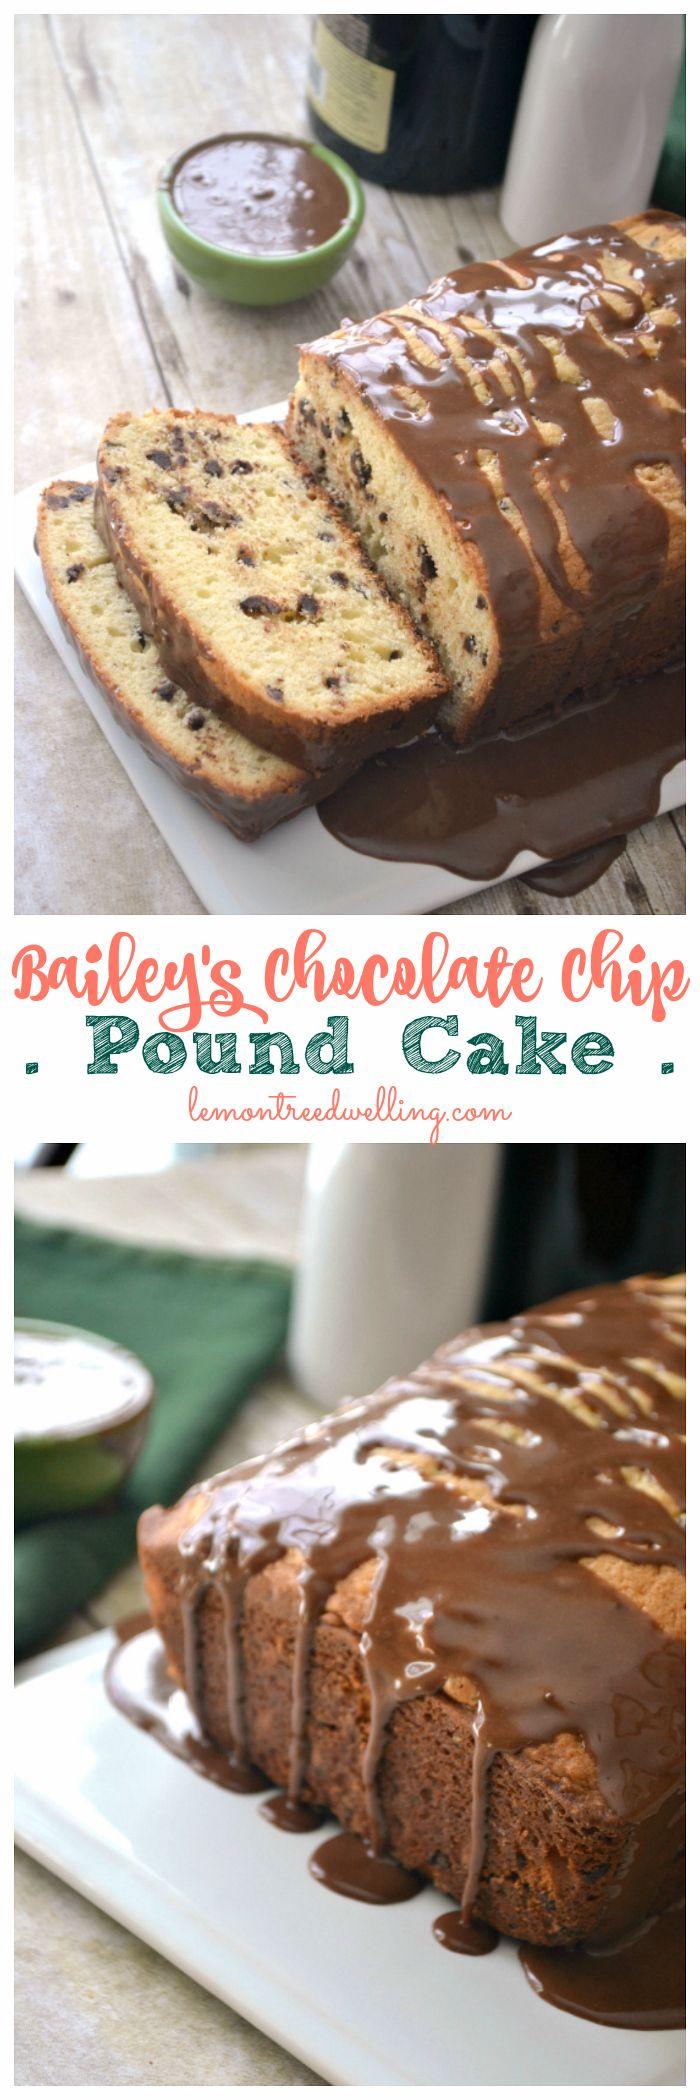 Irish, Baileys irish cream and Chocolate chip pound cake on Pinterest